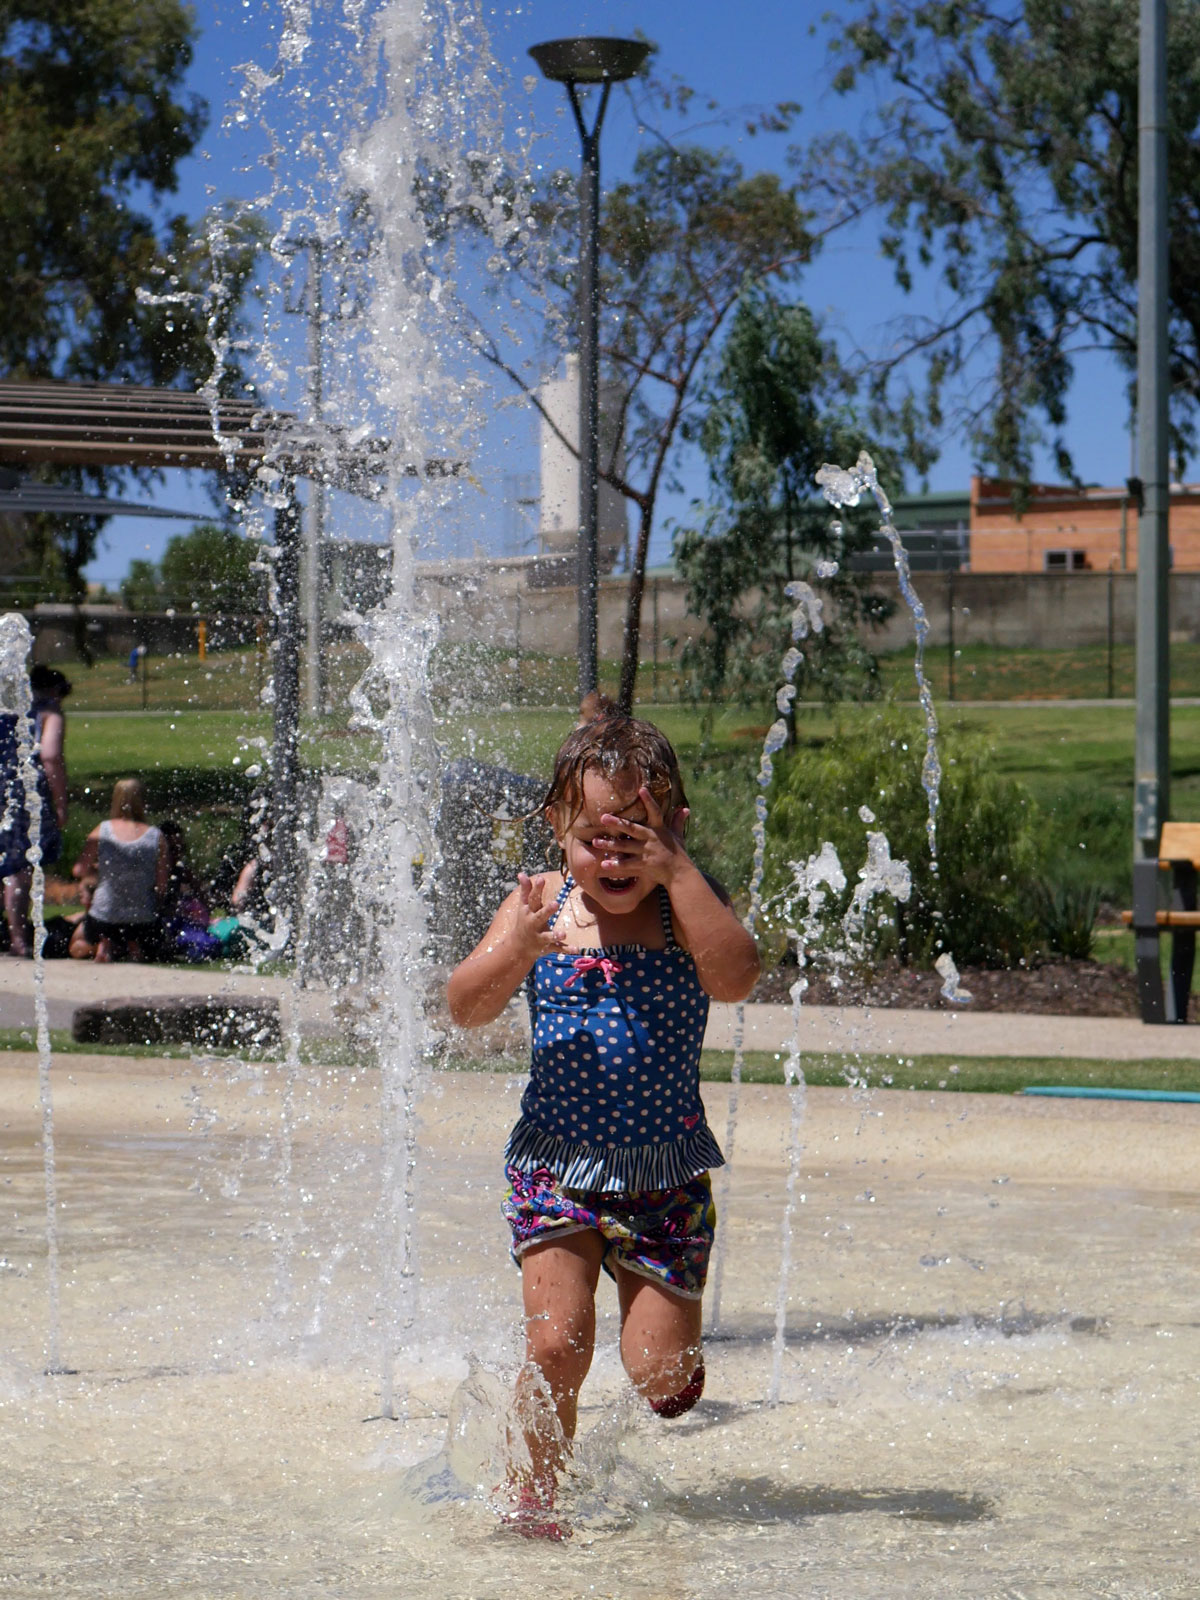 splash-park-5.jpg